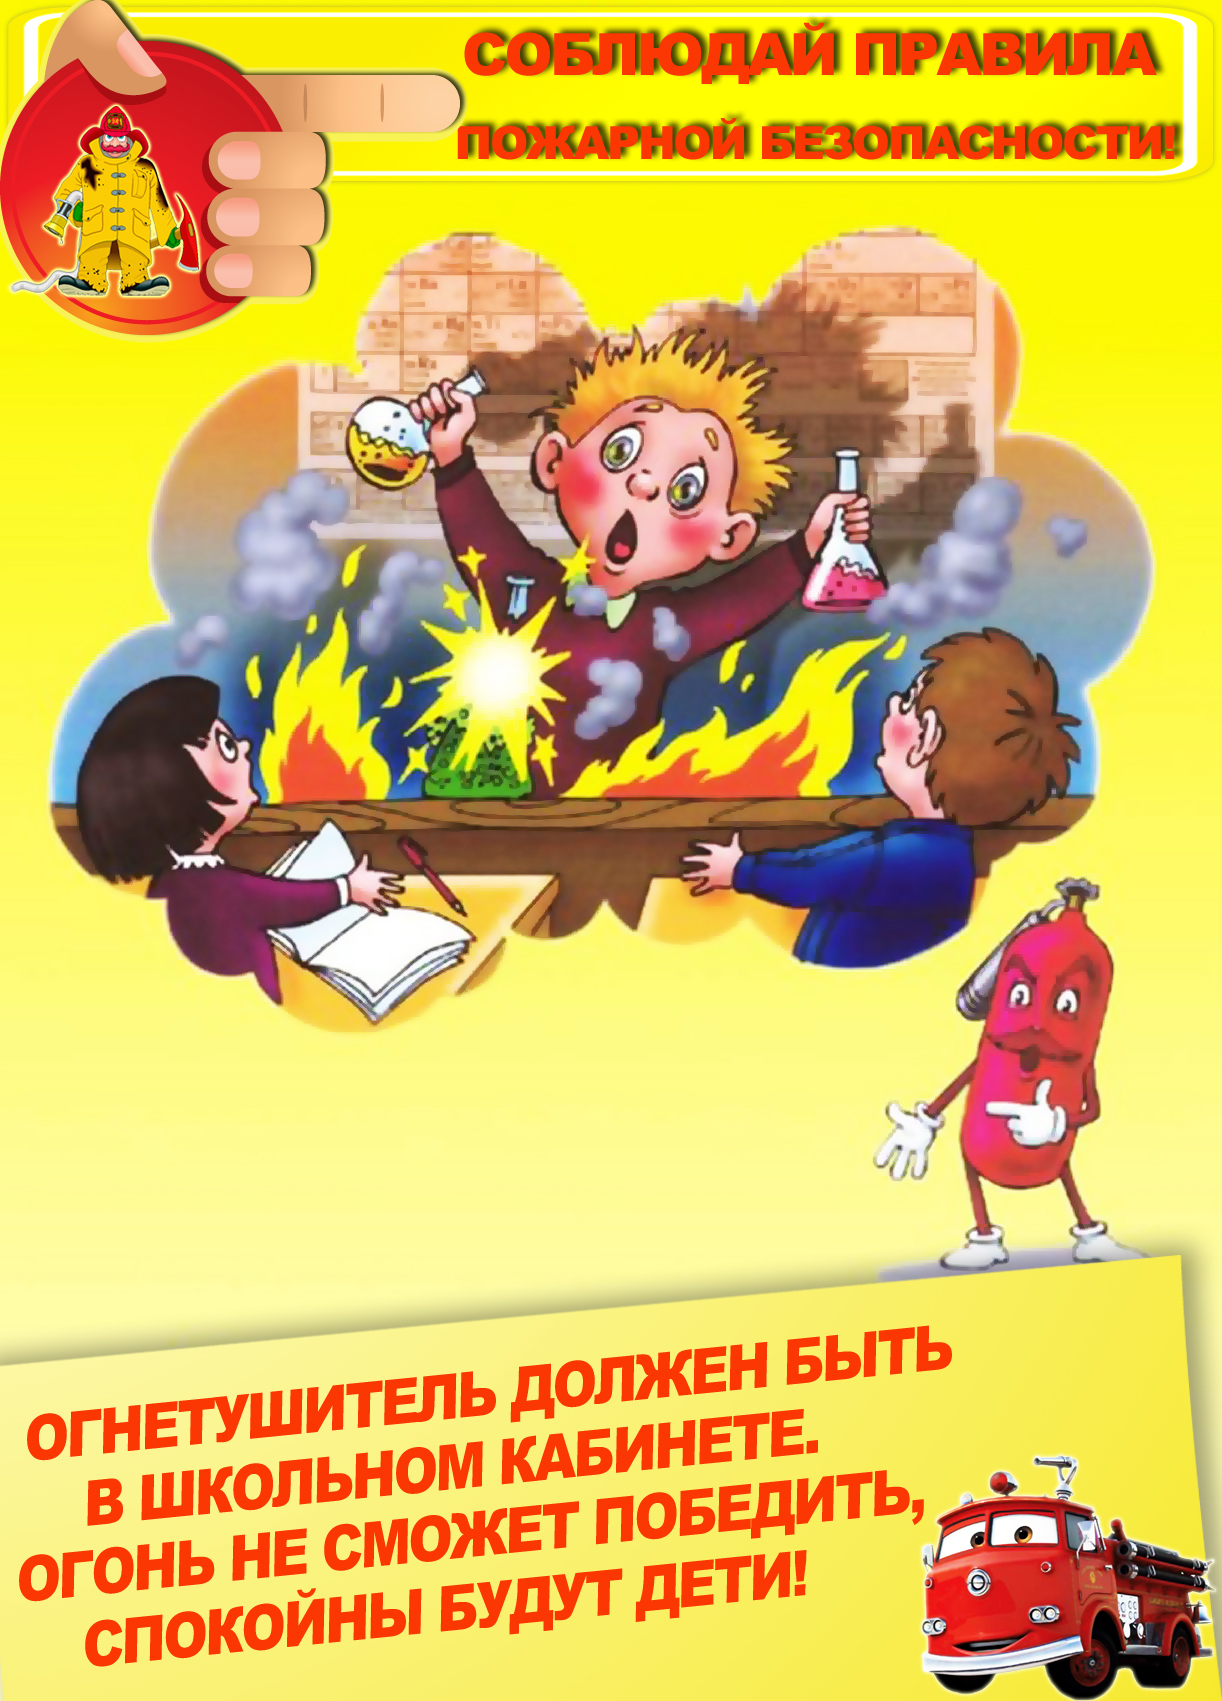 Пожарная безопасность правила картинки